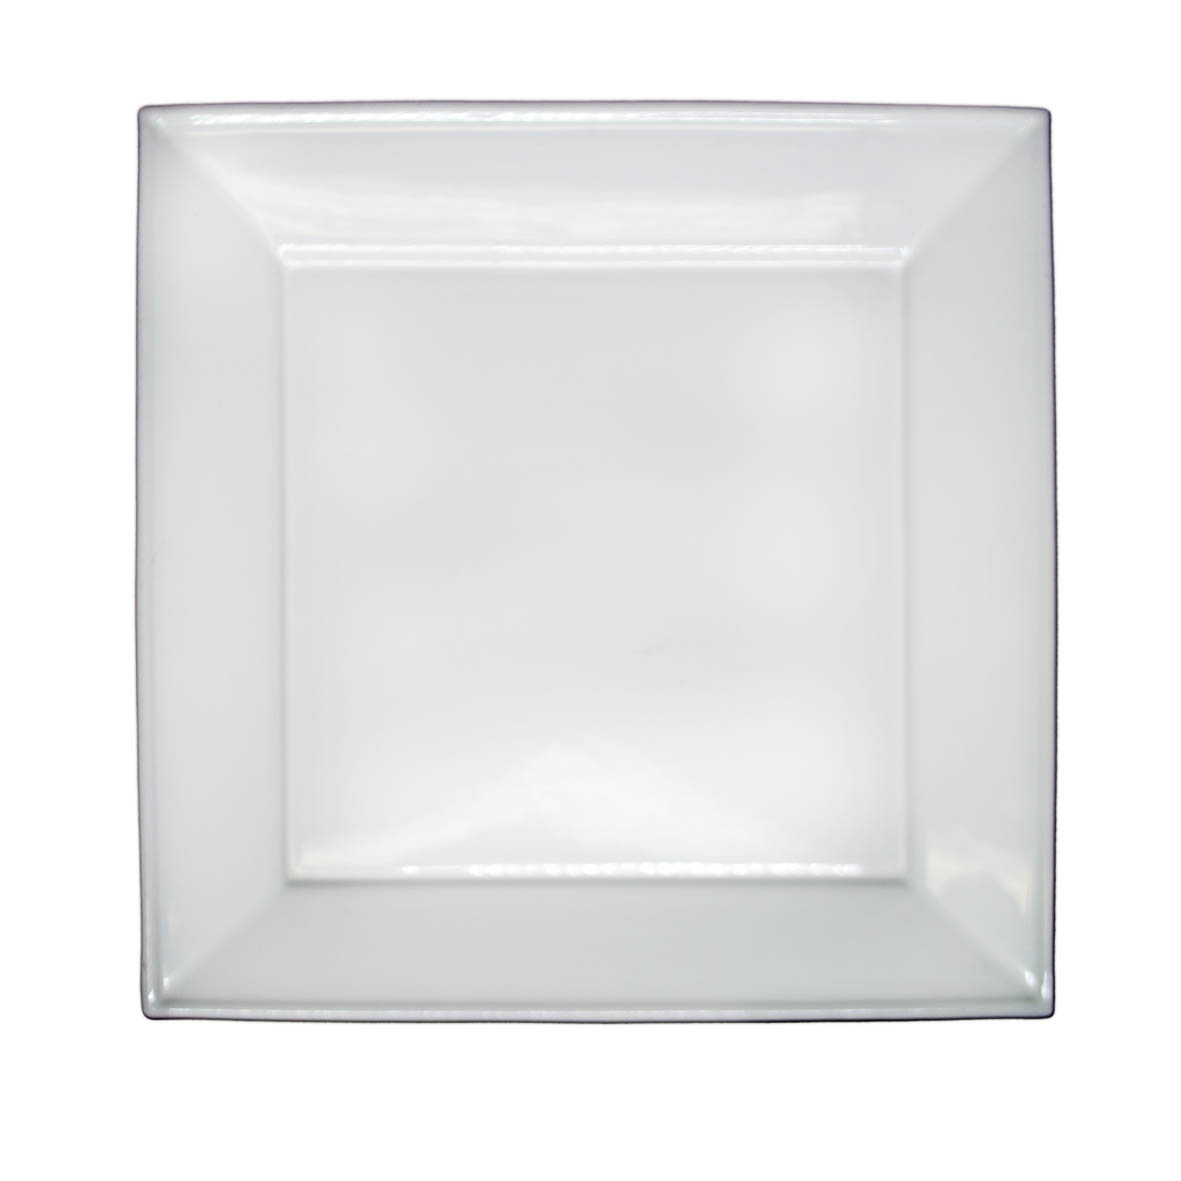 Travessa de Porcelana Quadrada 33,5x3